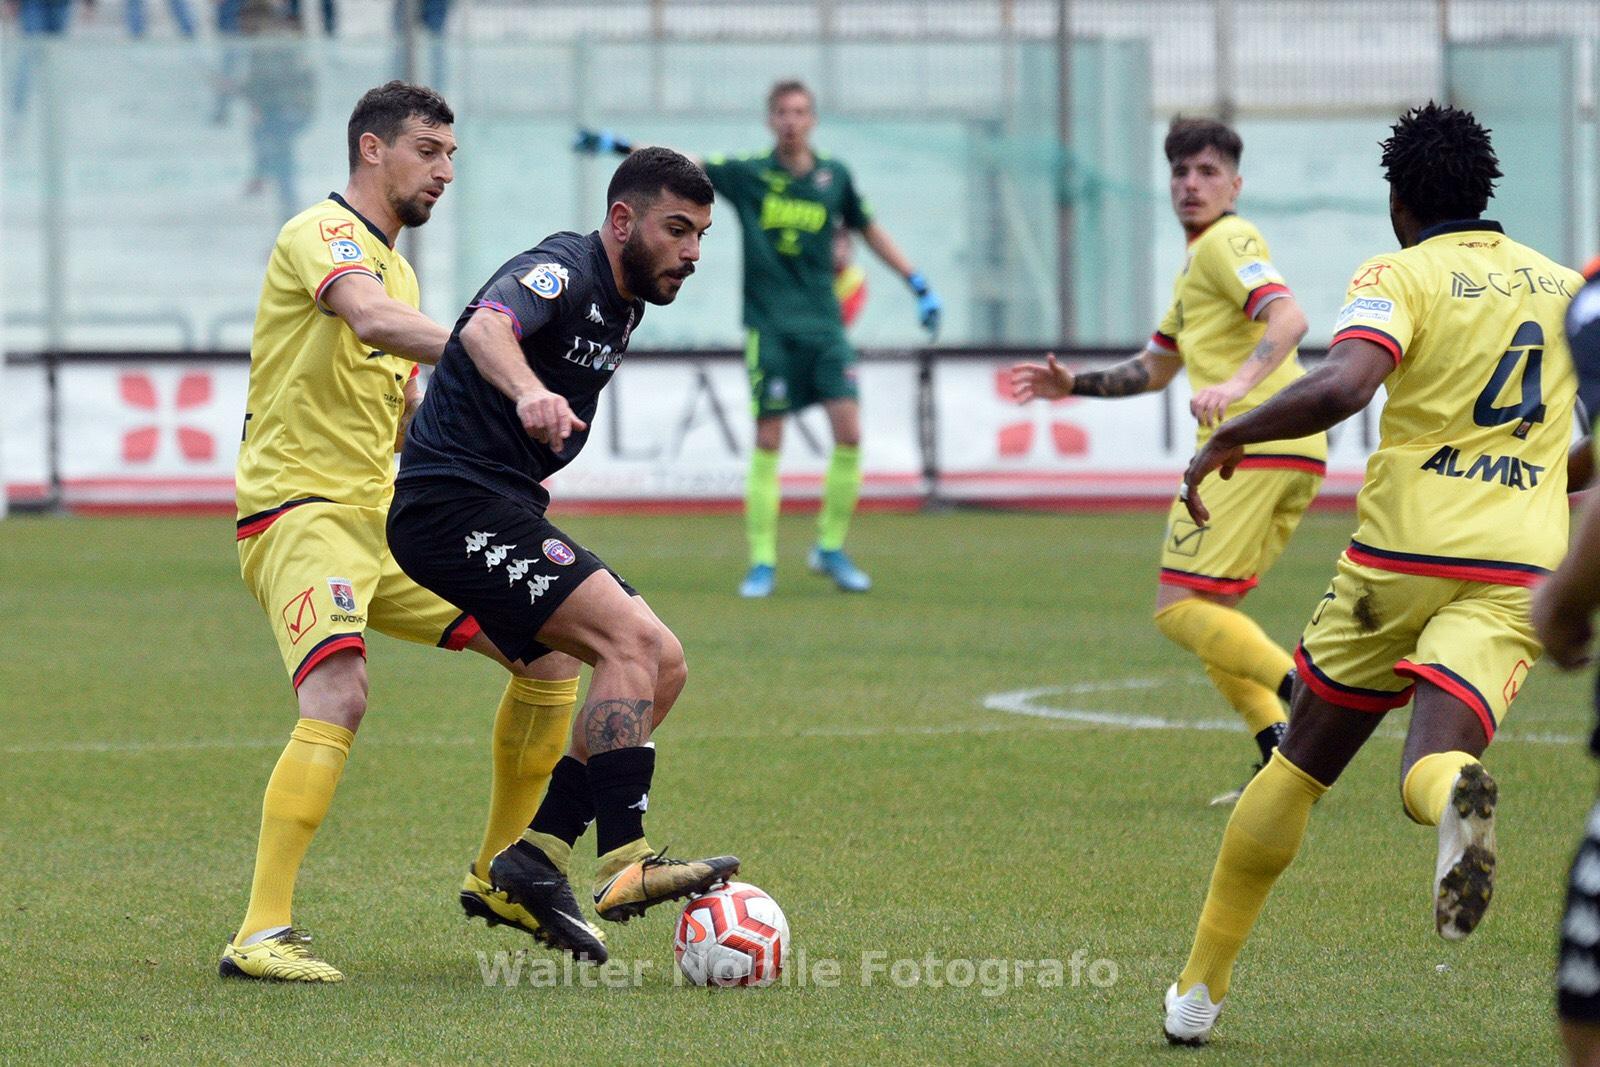 TARANTO-CASARANO 0-0 / Il tabellino